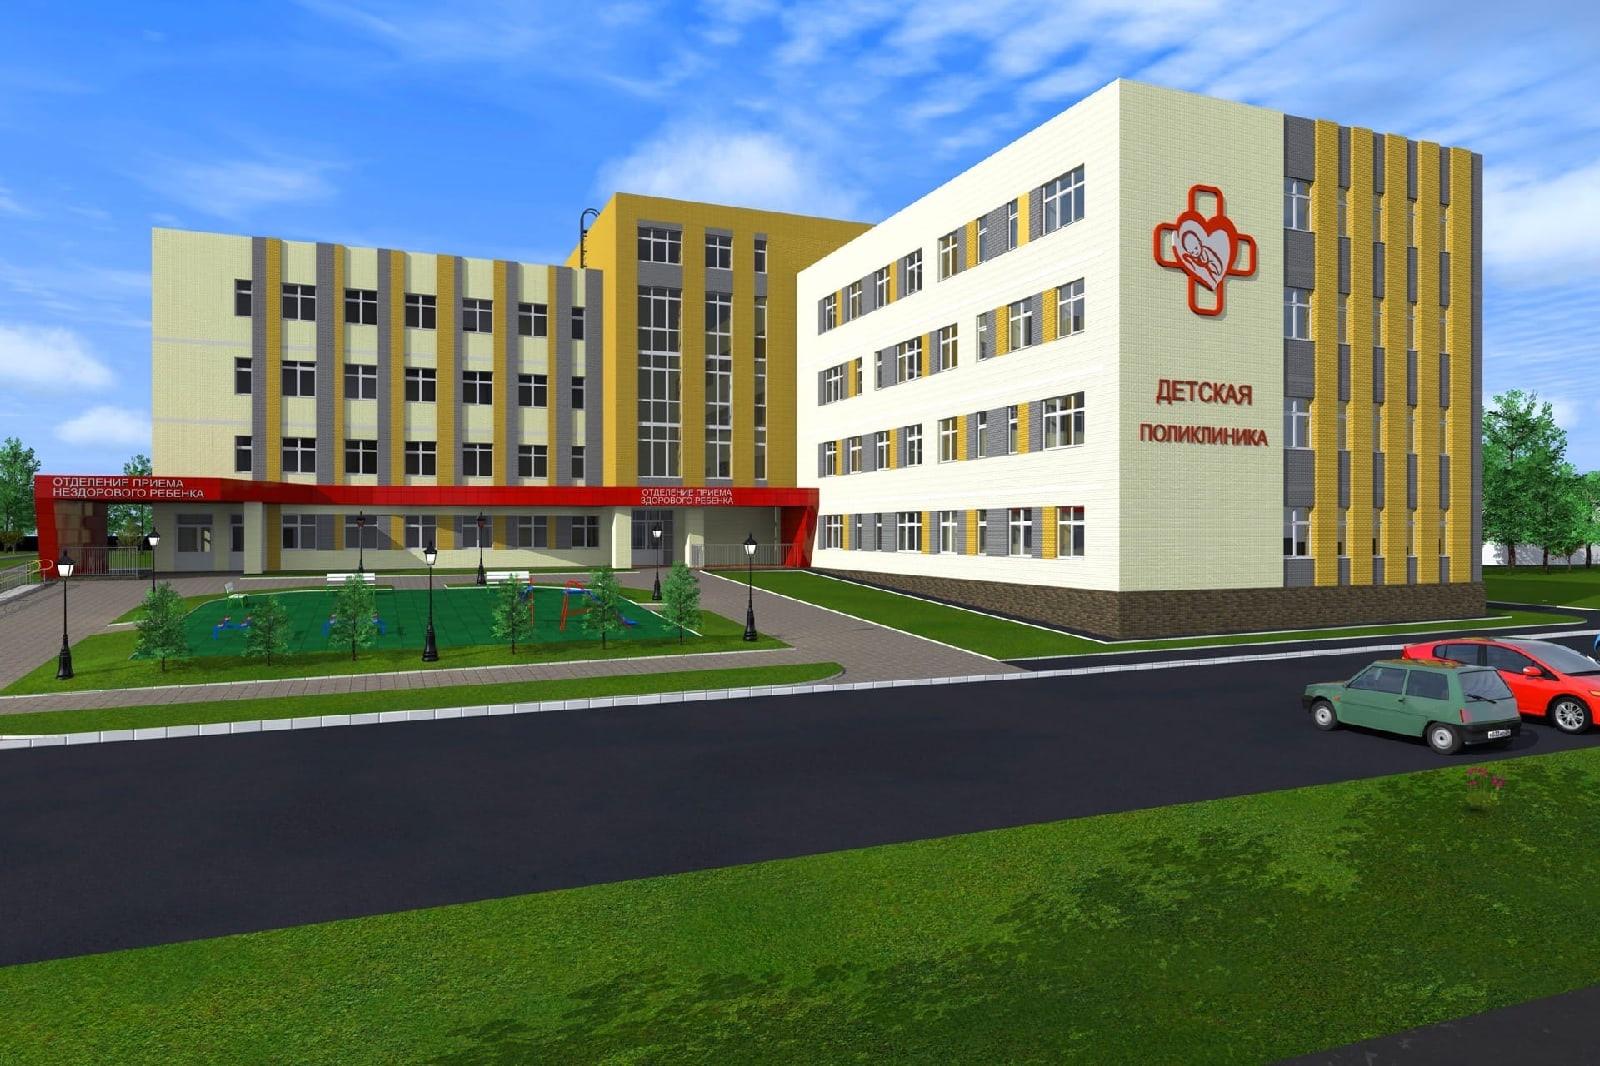 В Можге появится новая детская поликлиника. Её